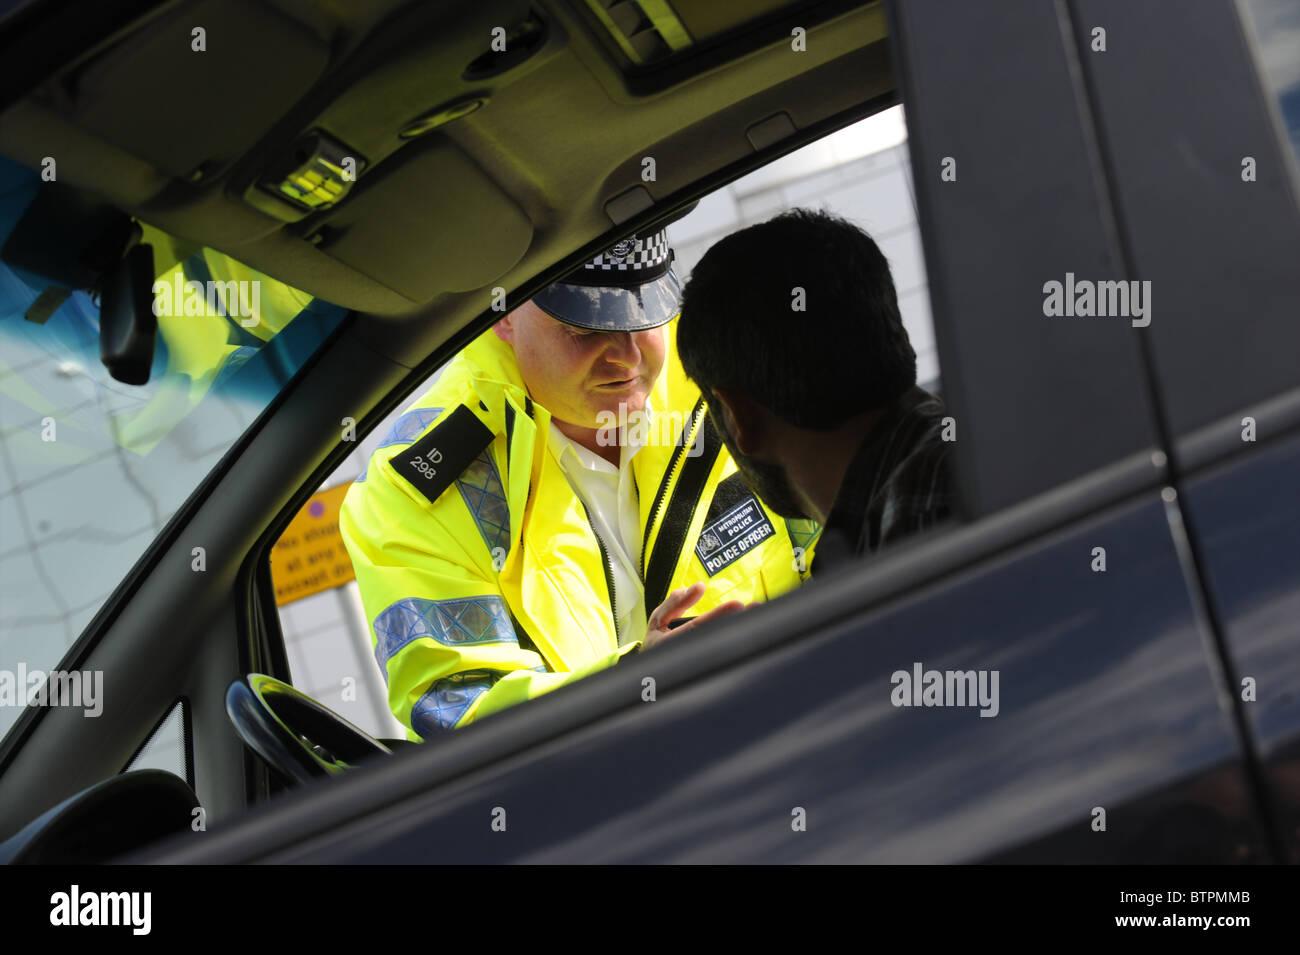 Oficial de tránsito preguntas conductor Imagen De Stock